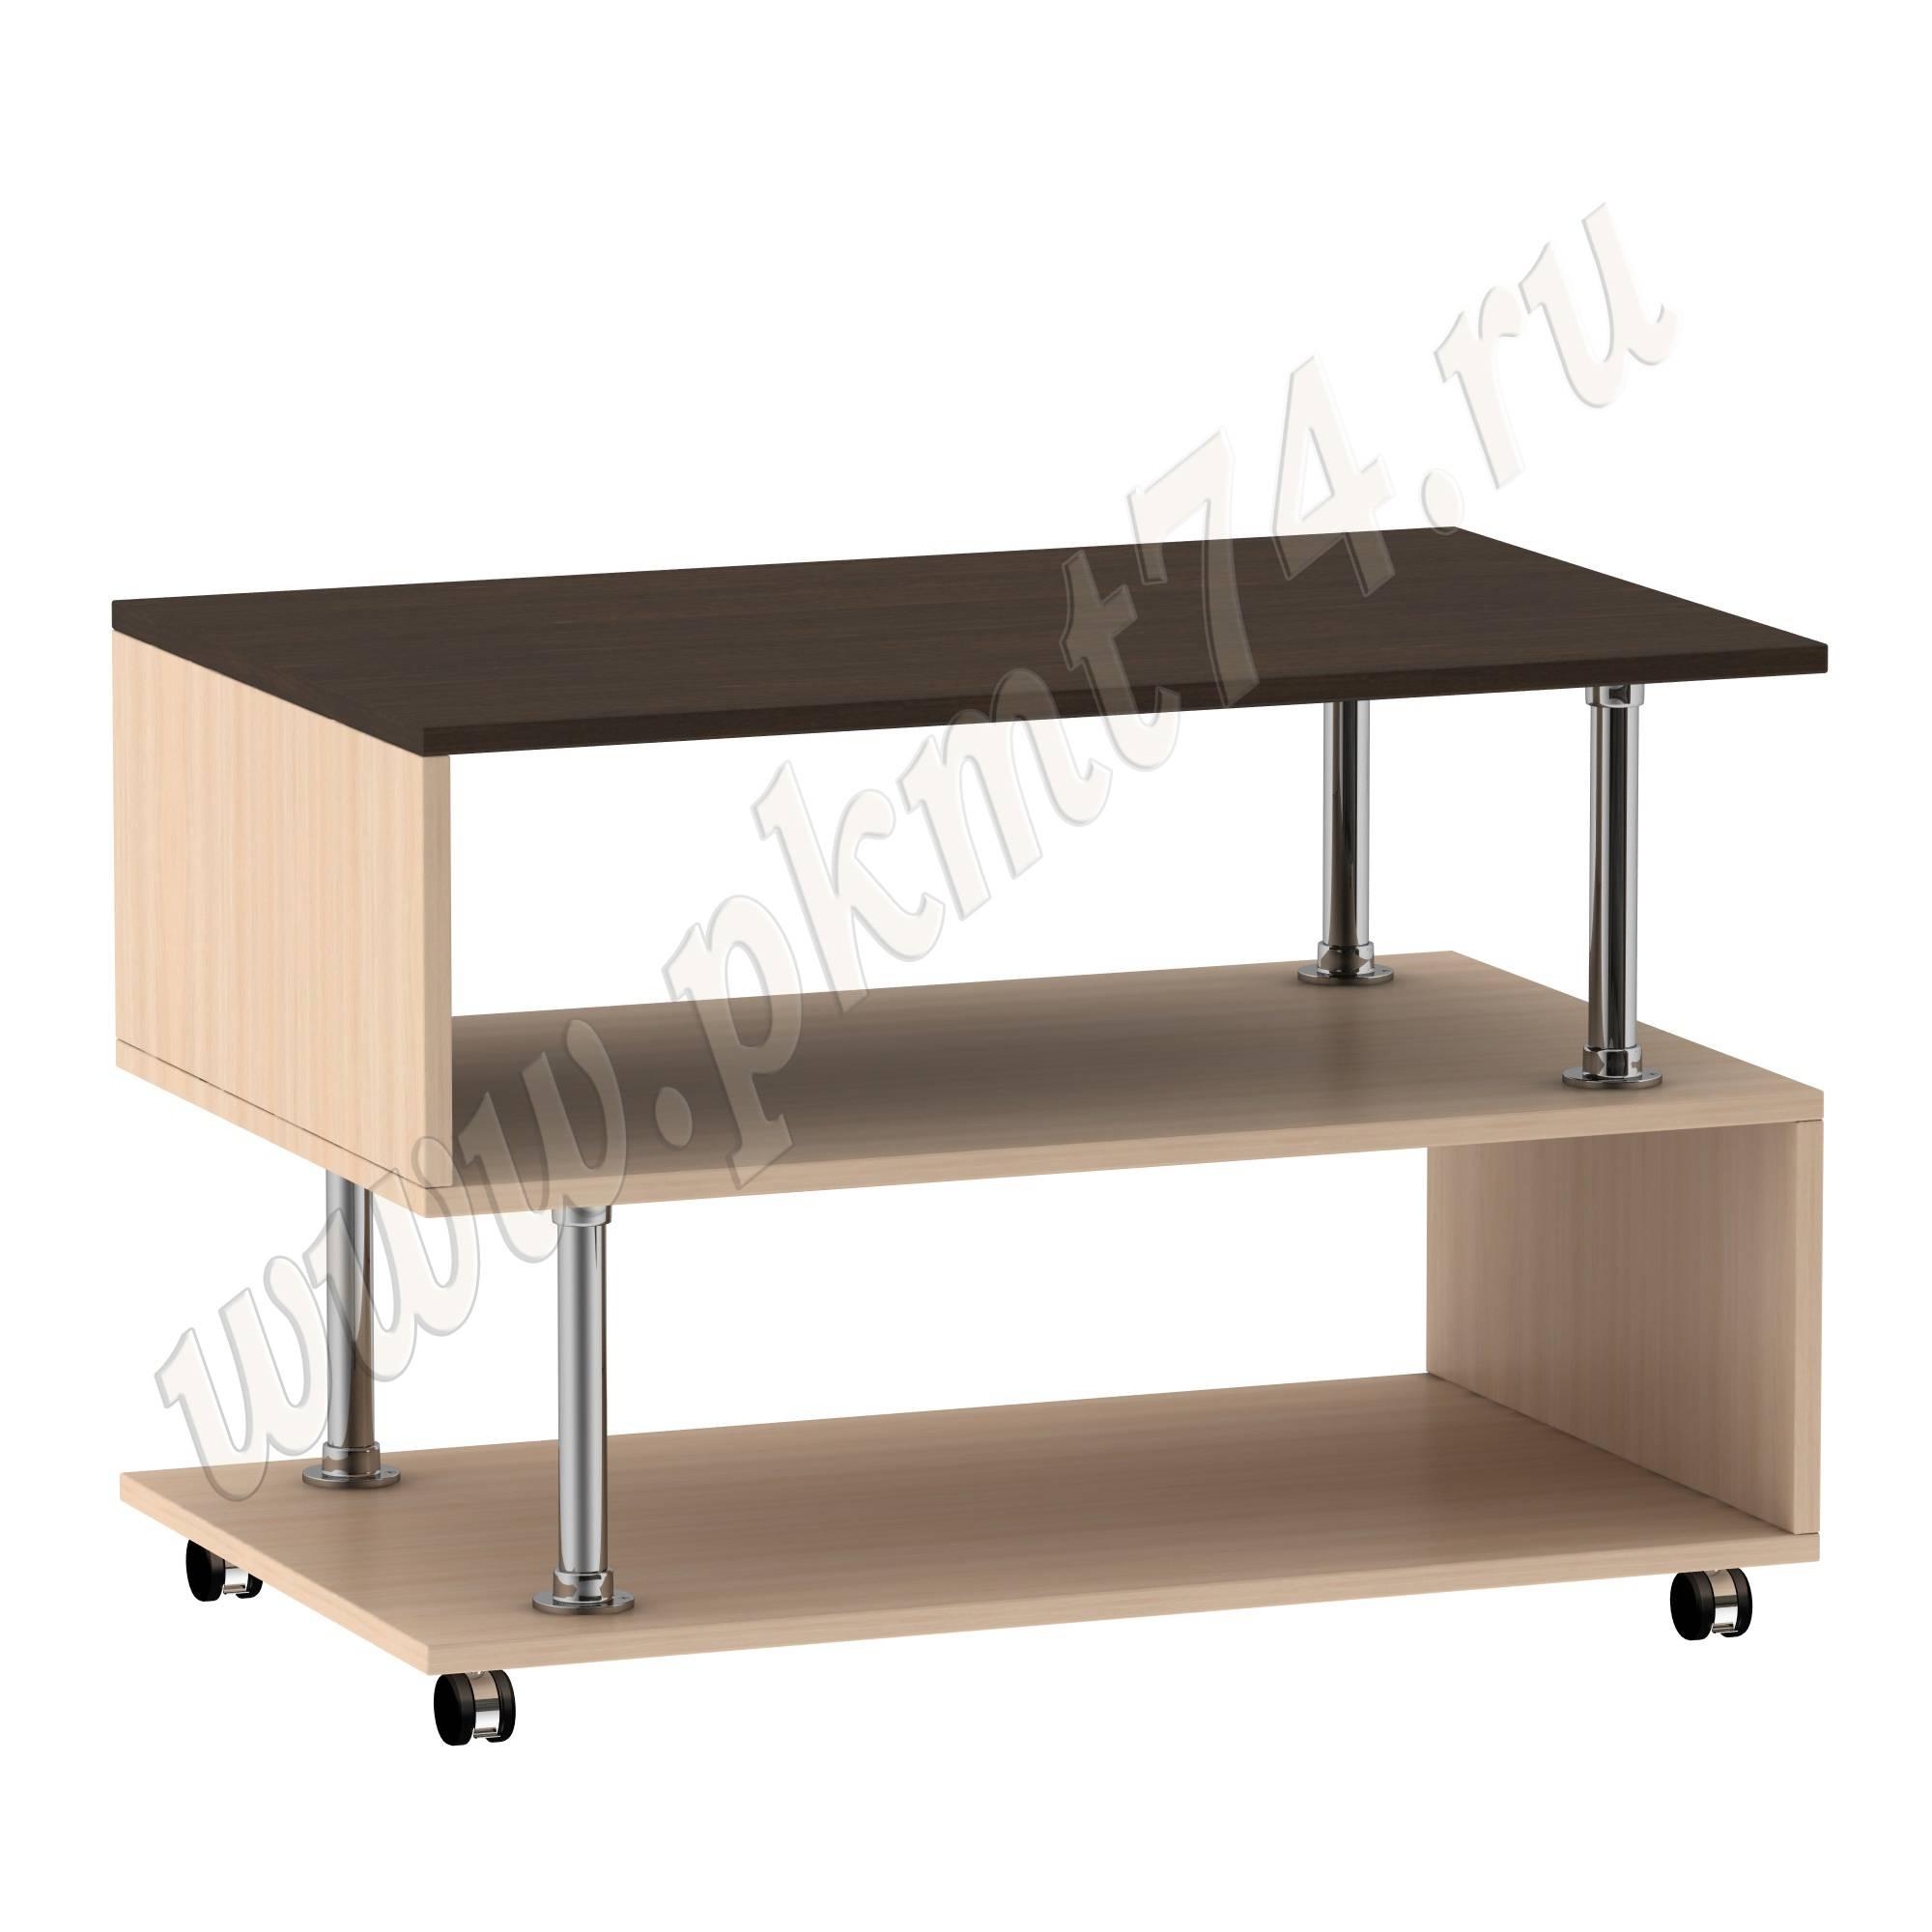 Журнальный стол S [Стандартный цвет:: Орех; Цвета ЛДСП на выбор:: Молочный-Венге]